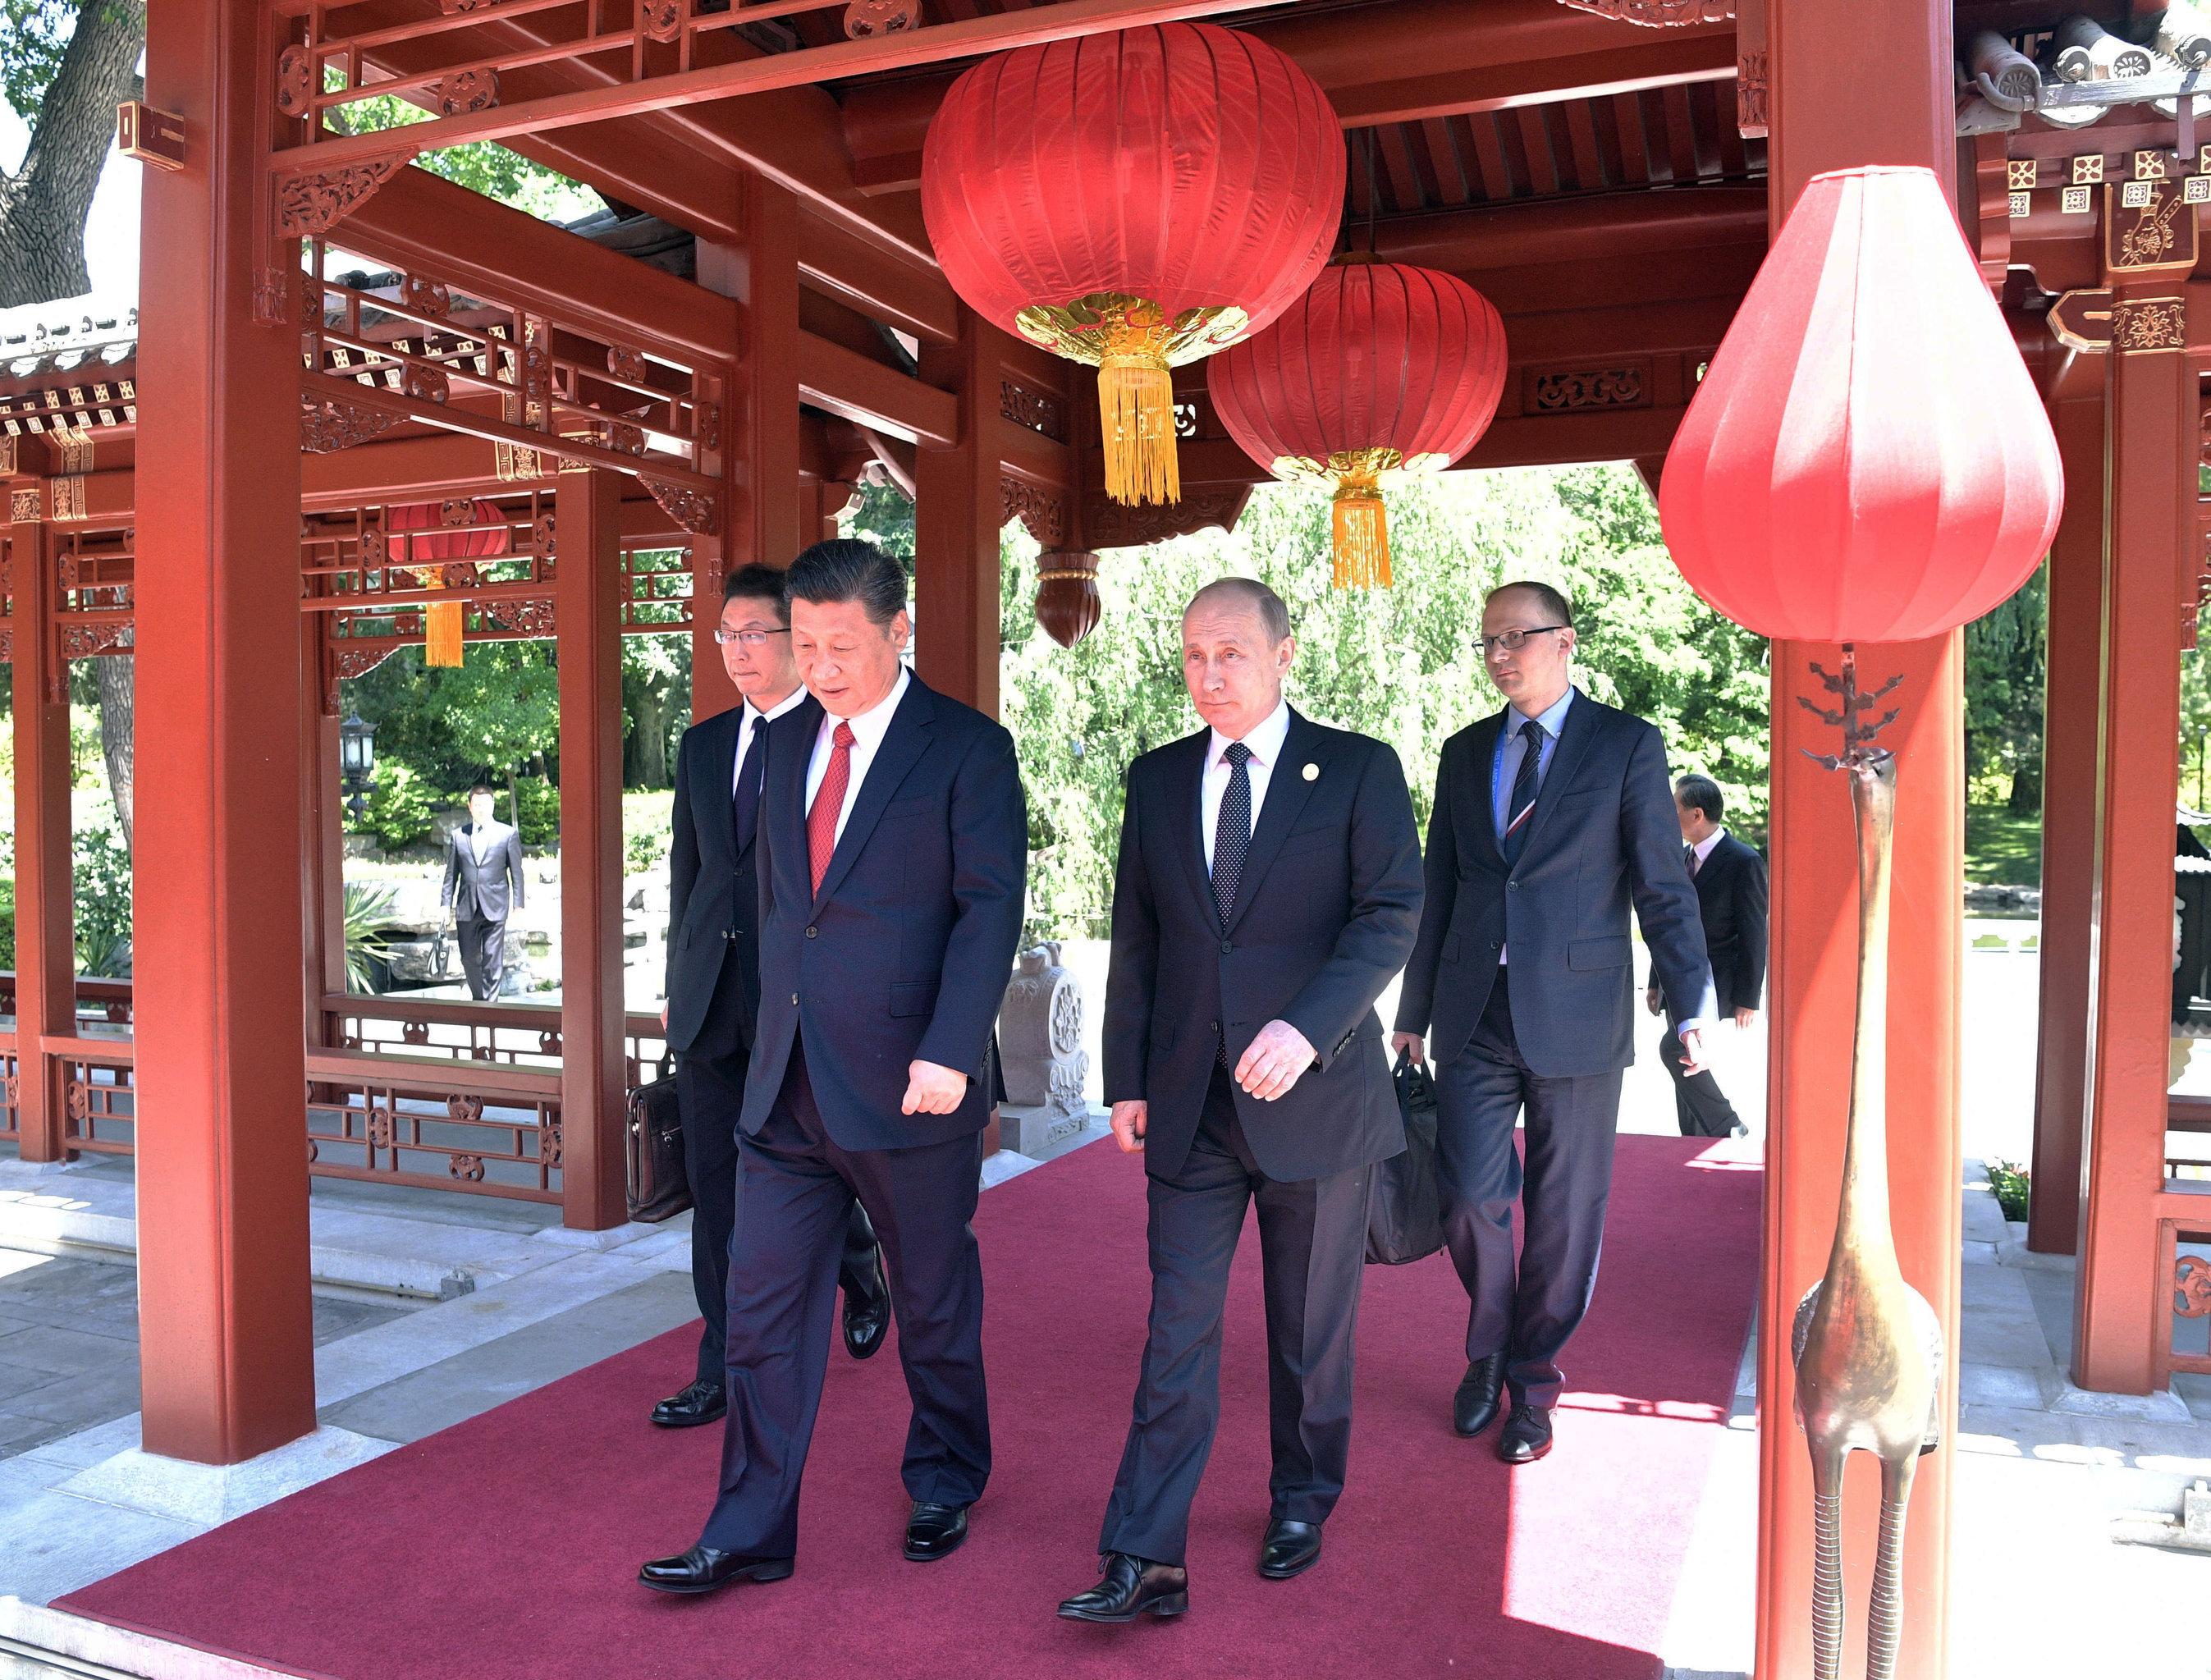 Президент РФ Владимир Путин и председатель Китайской Народной Республики Си Цзиньпин на совместной прогулке